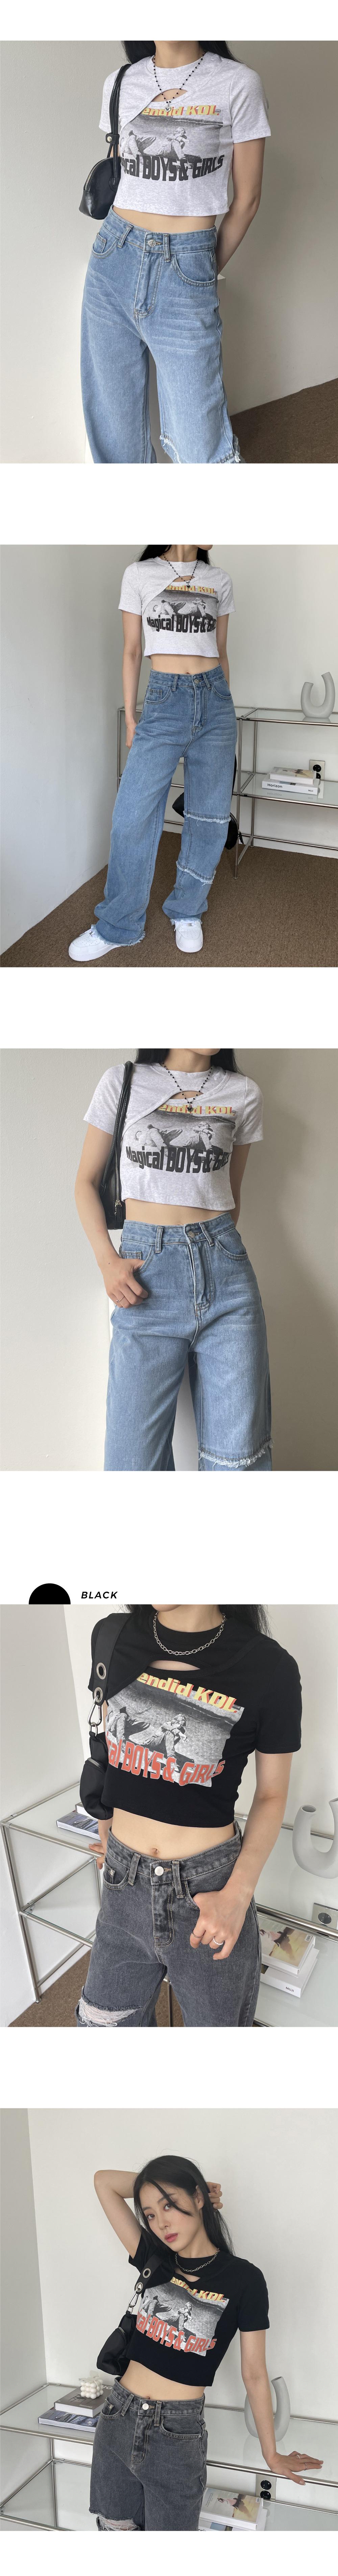 モディファイ印刷ひらきクロップ半袖ポロシャツ